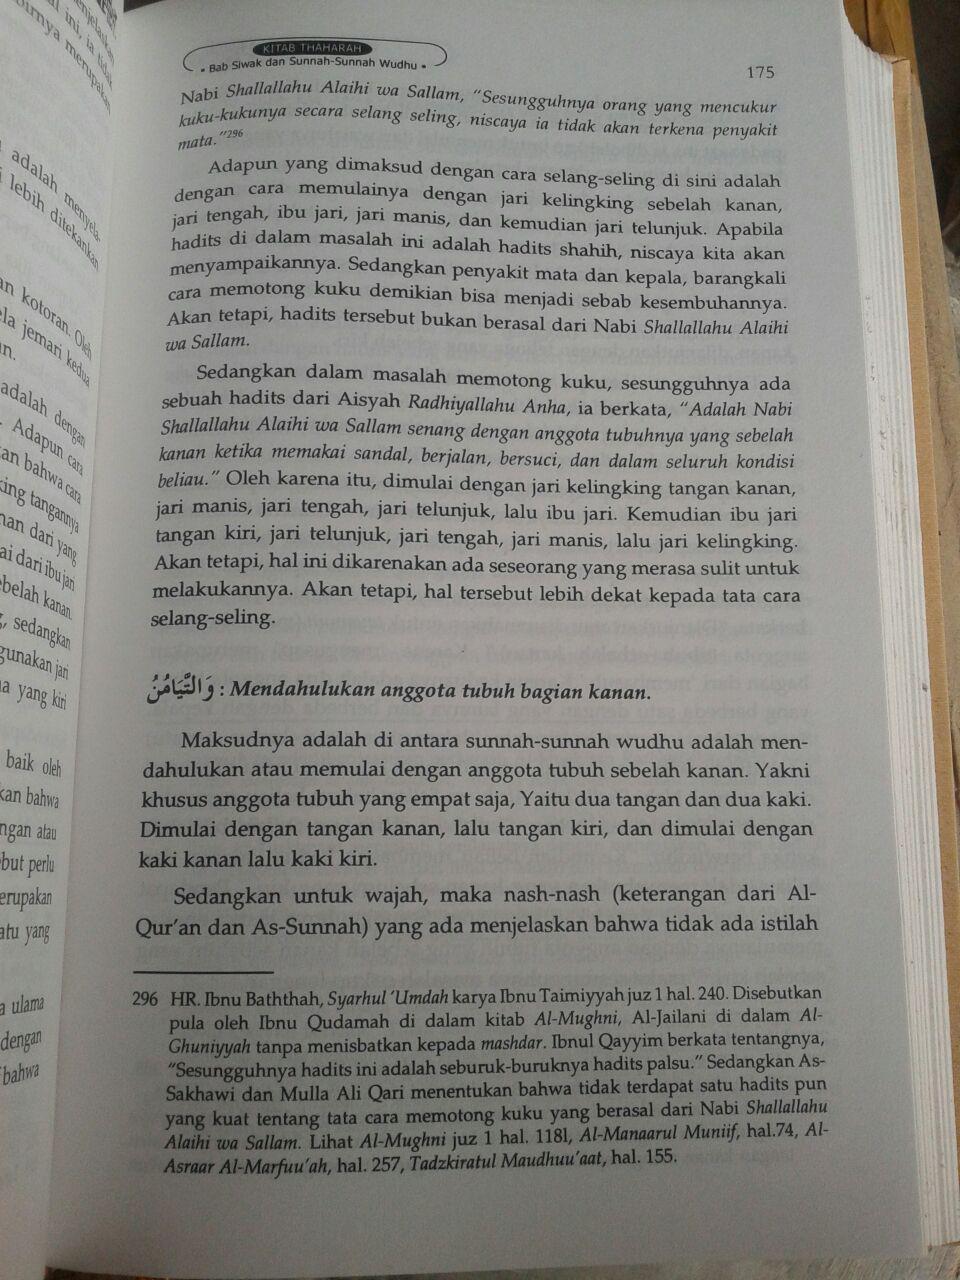 Buku Syarah Mumti' Oleh Syaikh Utsaimin 1 Set 4 Jilid isi